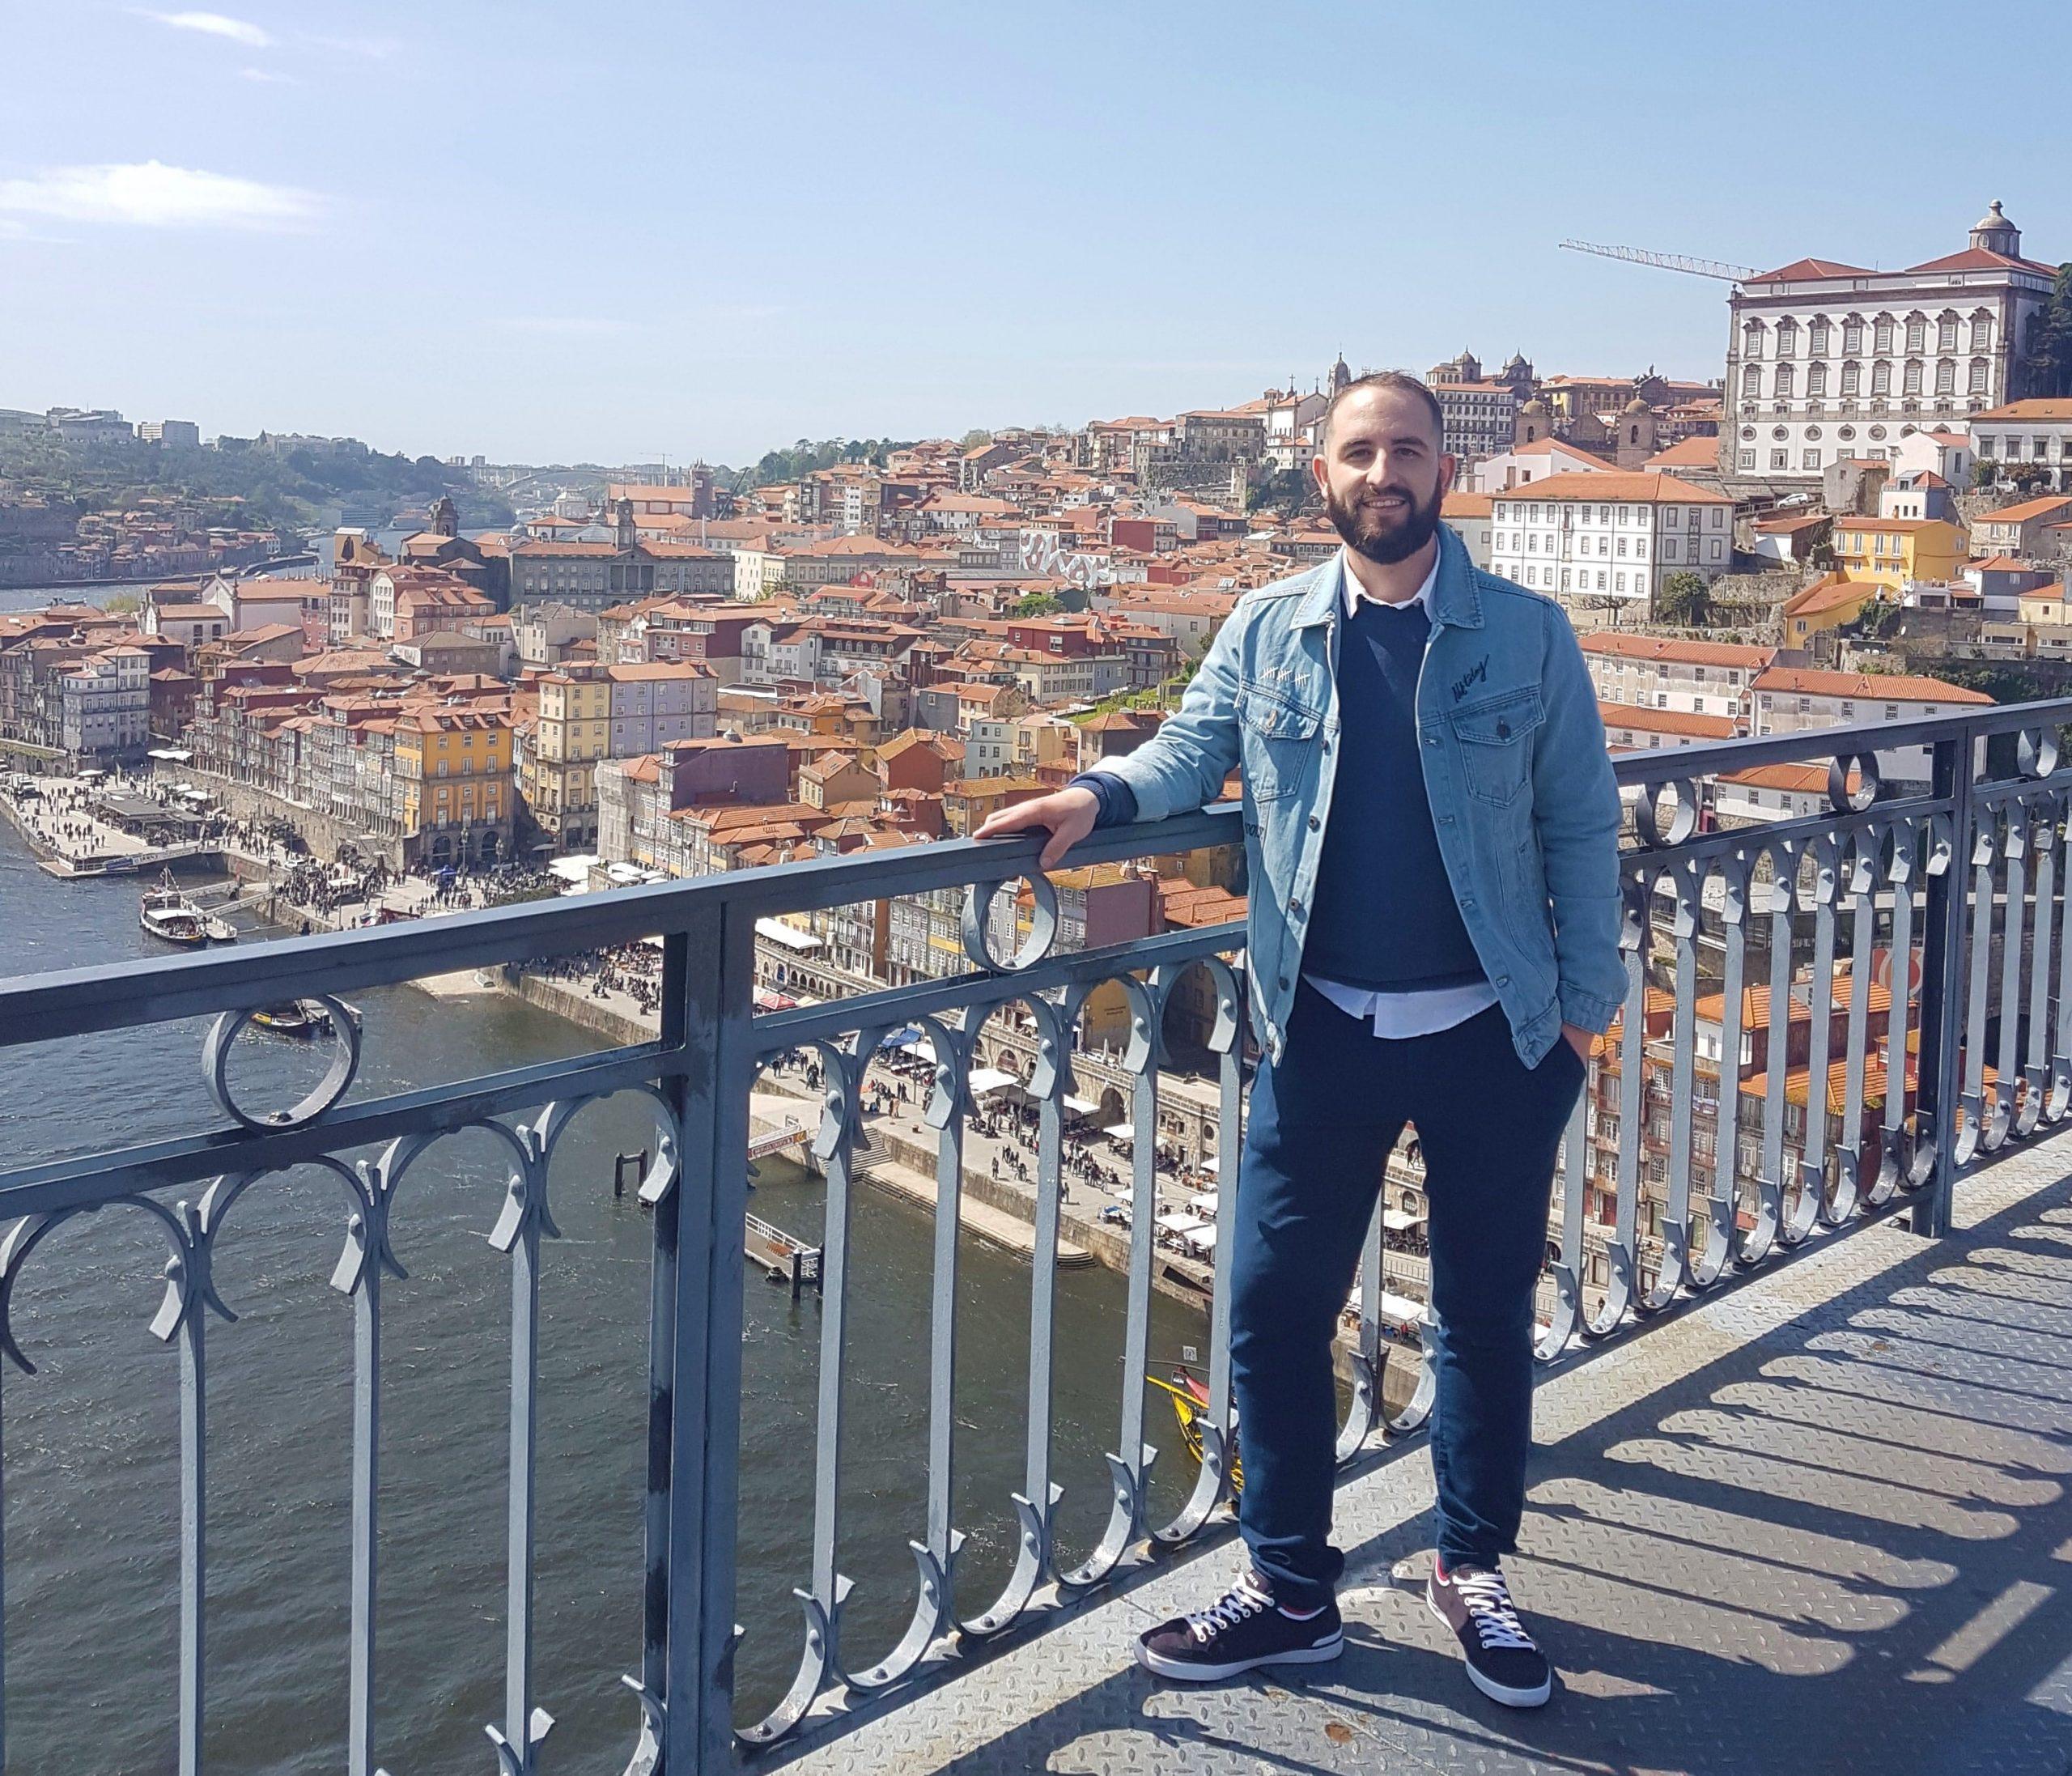 Isgoga y las vistas de oporto desde el puente de Don Luis I